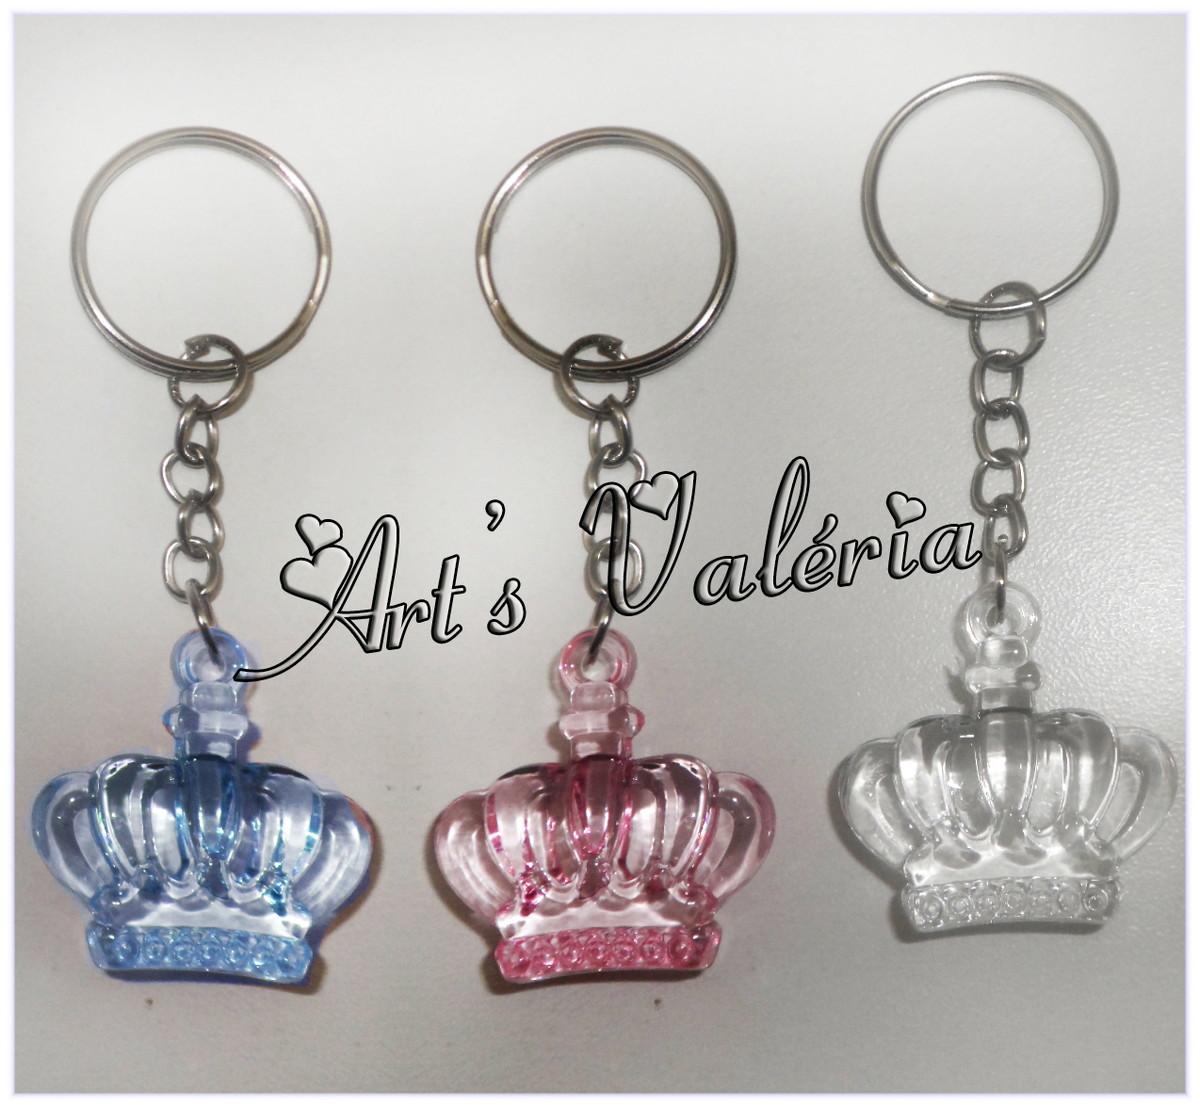 Chaveiro Coroa Real - Média no Elo7   Arts Valeria Personalizados ... 6f82715746